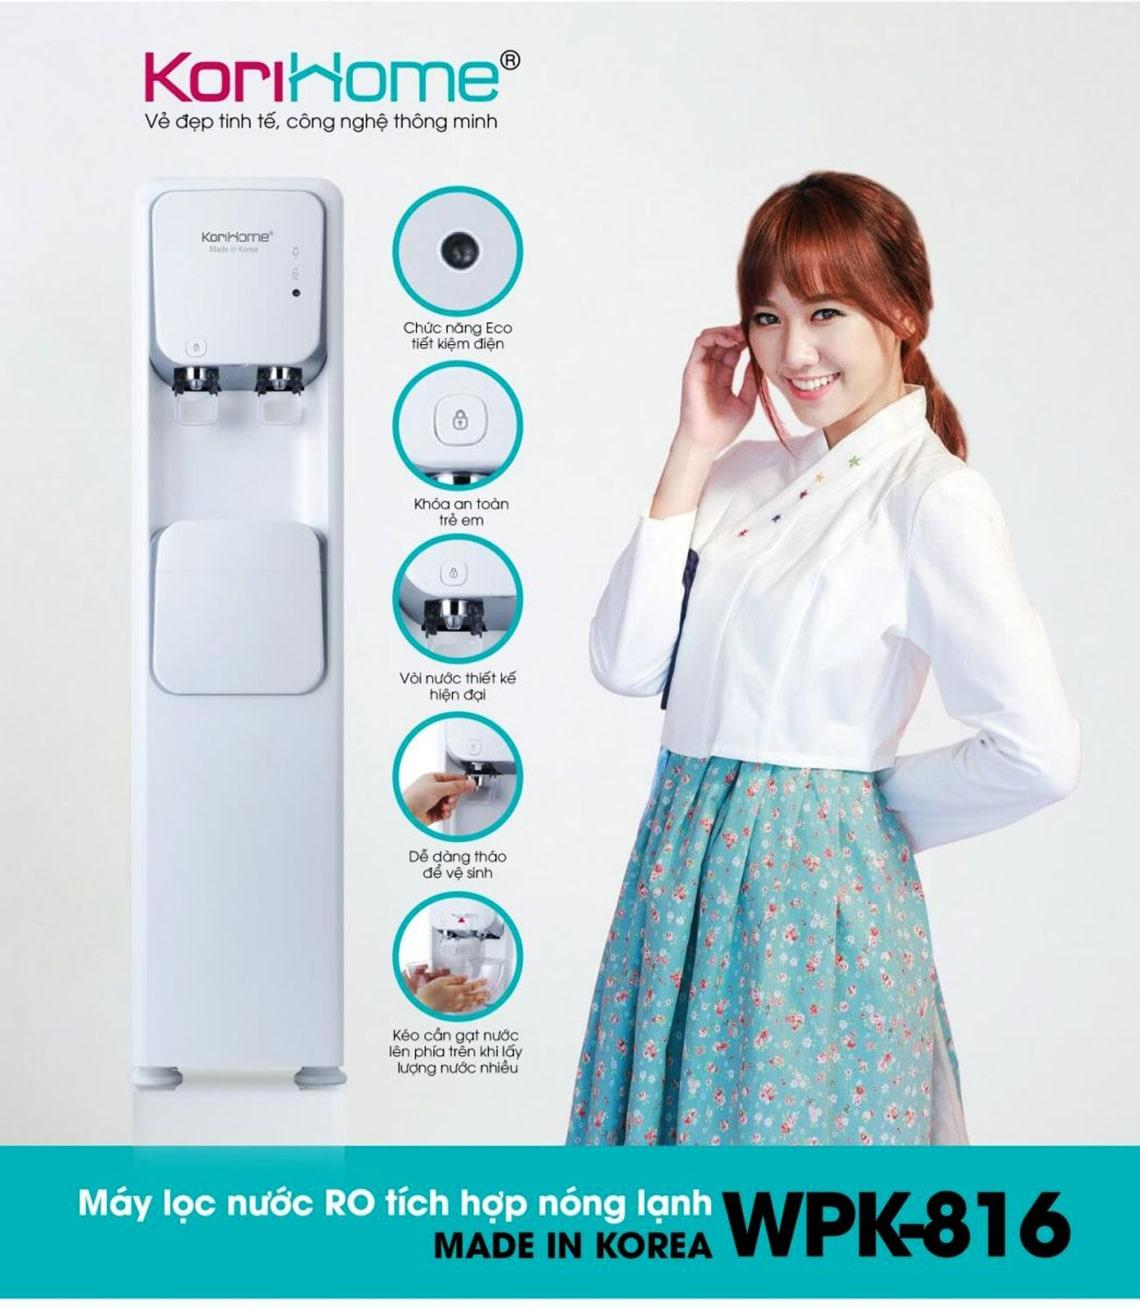 Tập đoàn Korihome là chuyên gia sản xuất máy lọc nước và điện gia dụng nổi tiếng của Việt Nam